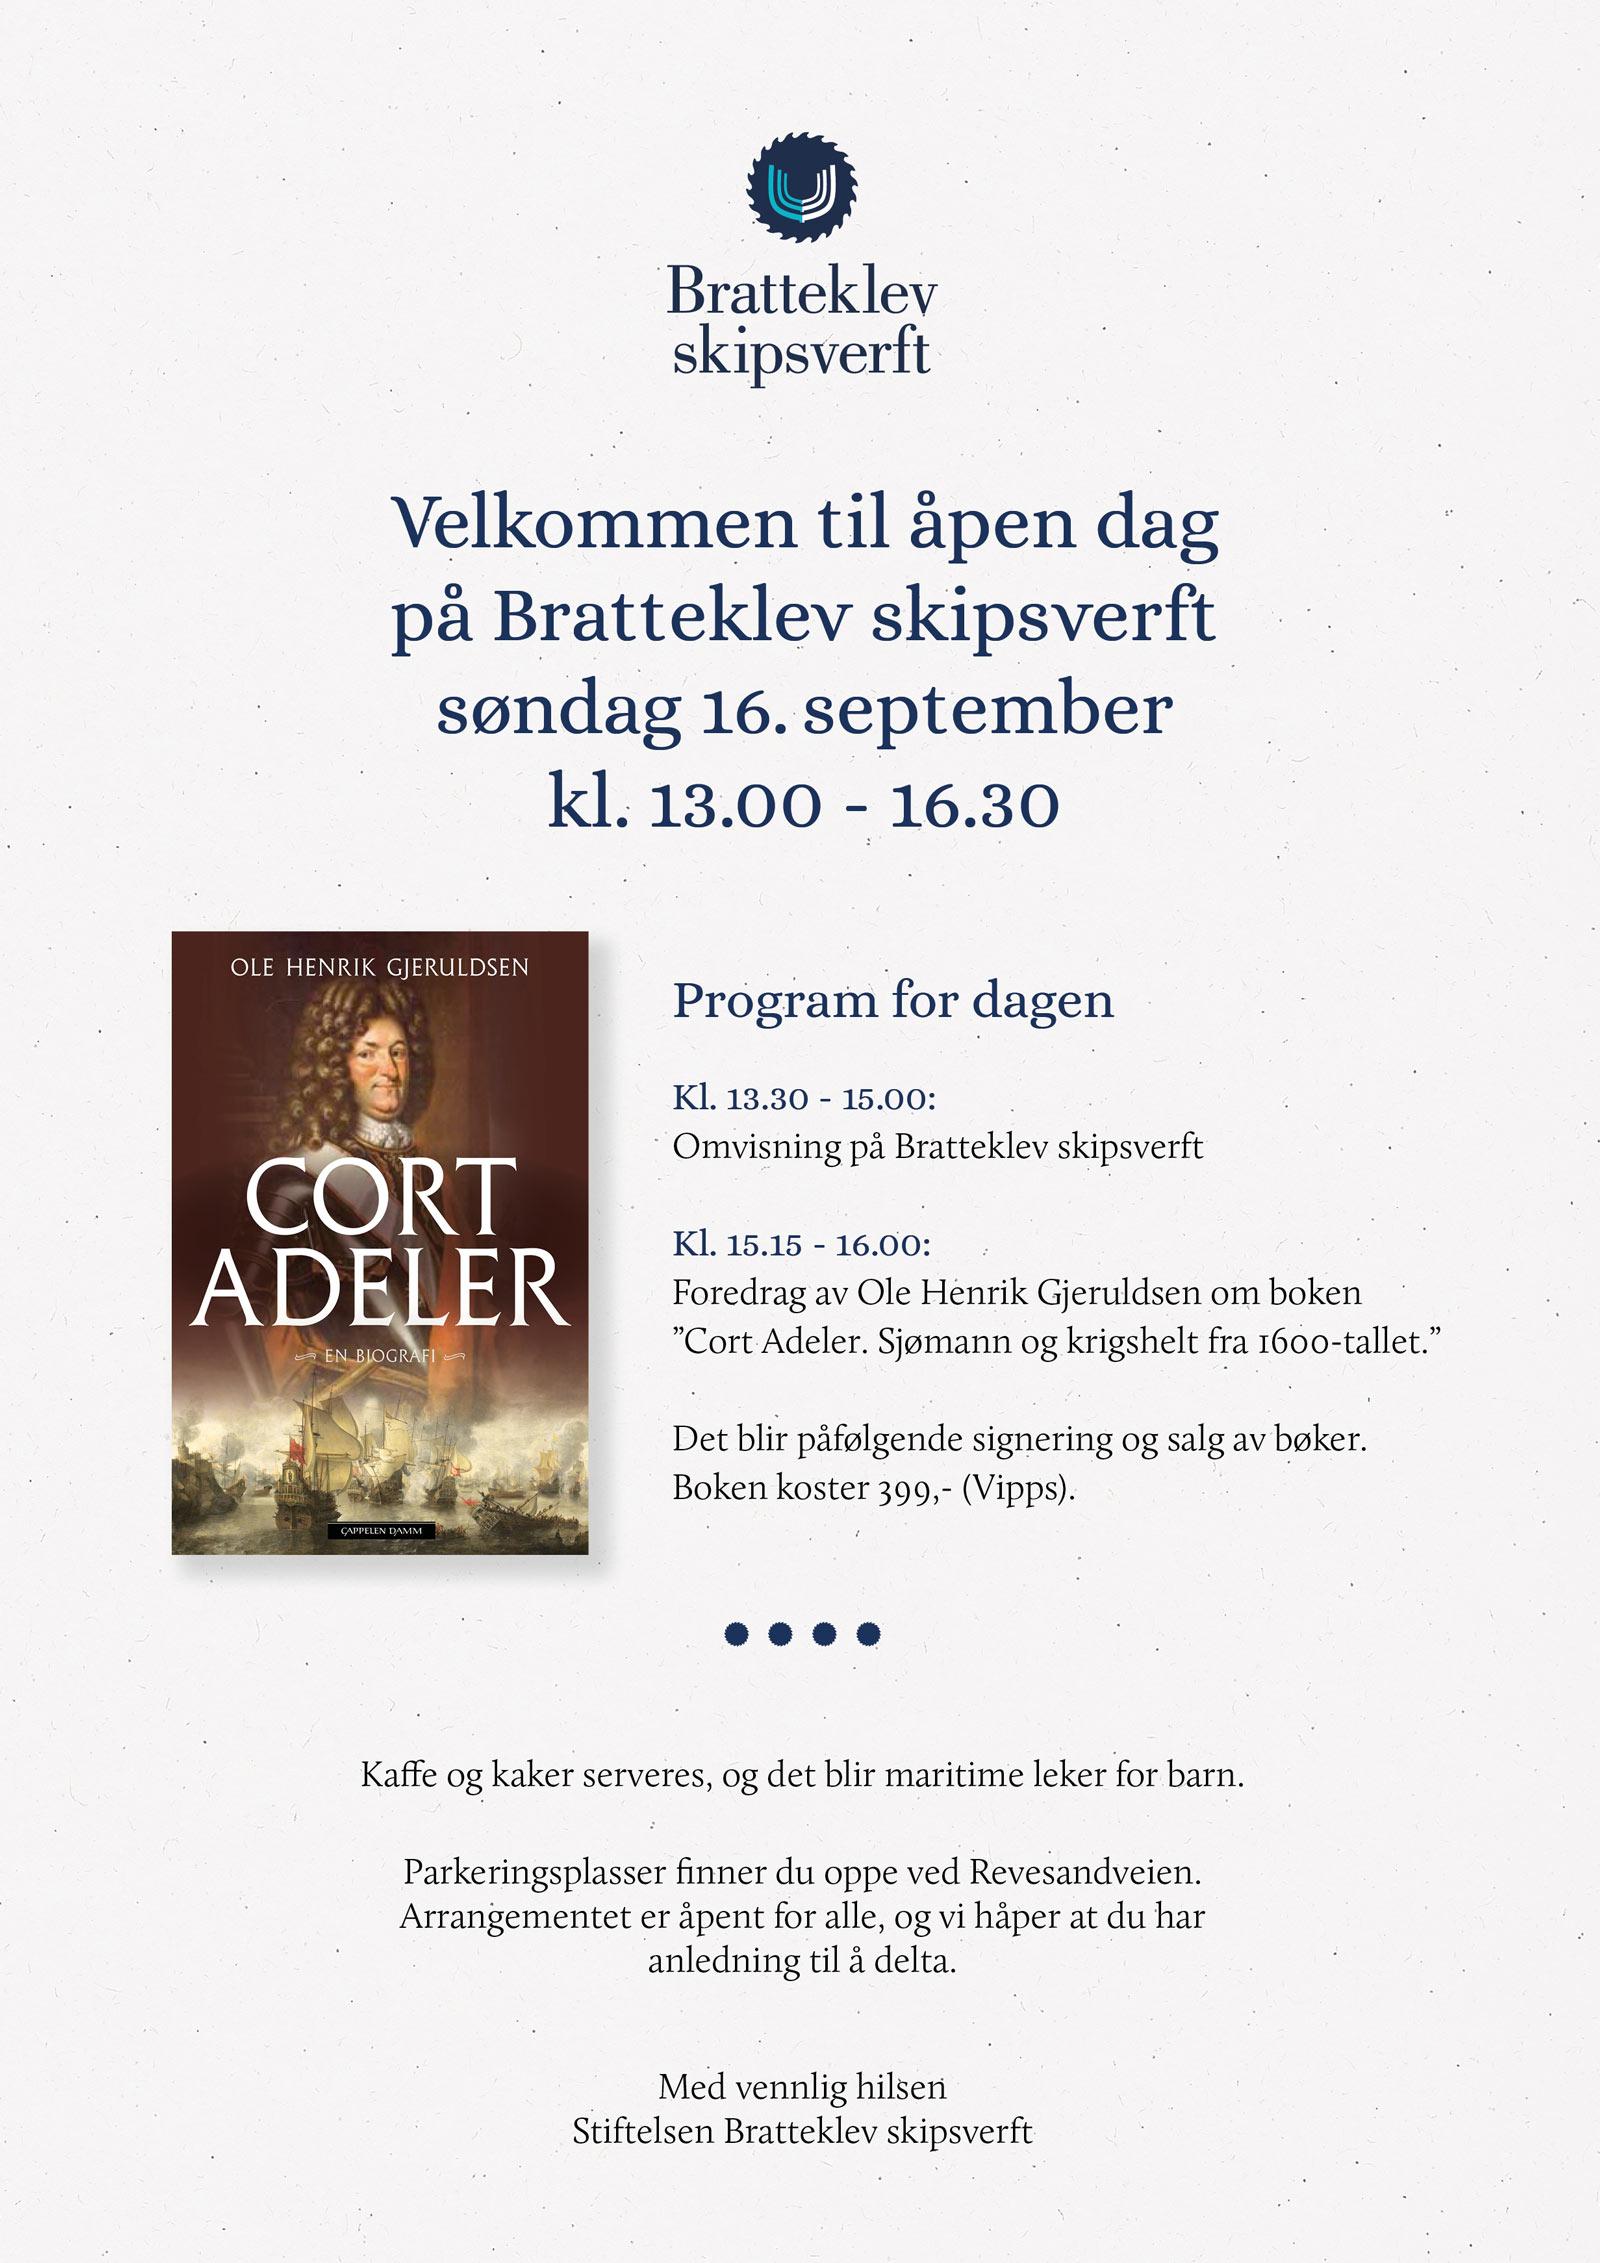 Invitasjon_apen_dag_nett.jpg